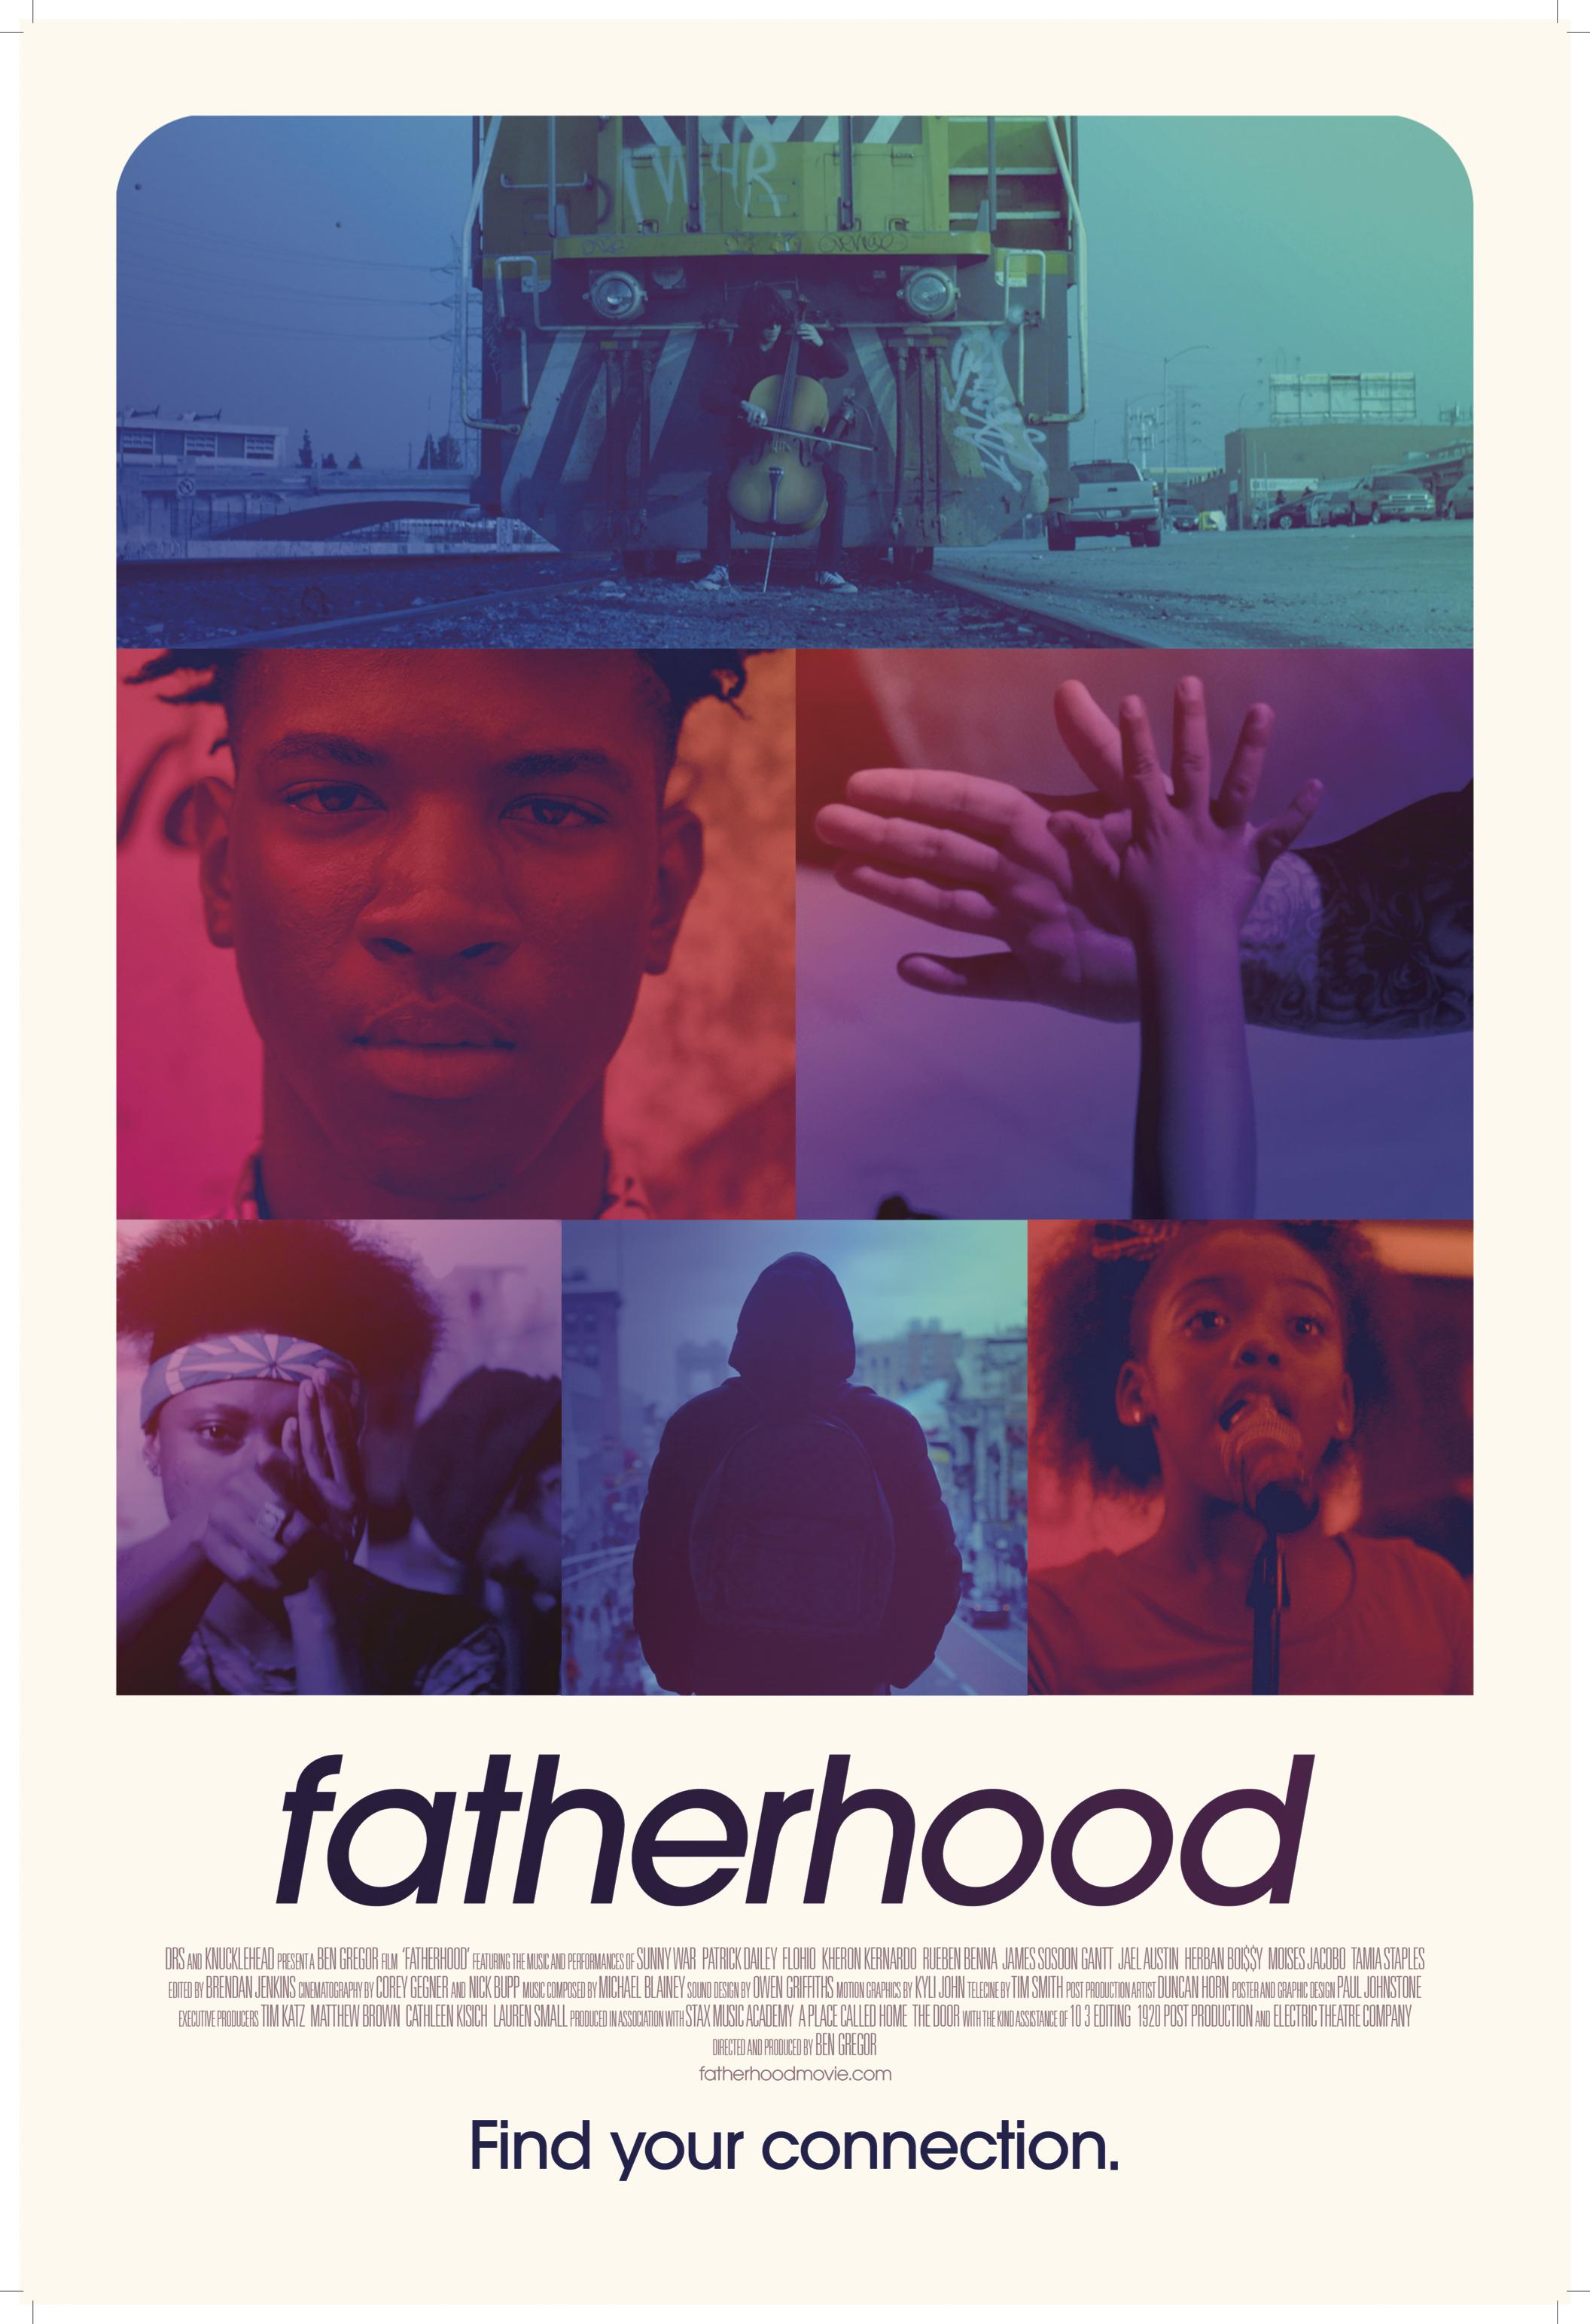 Download Filme Paternidade Torrent 2021 Qualidade Hd